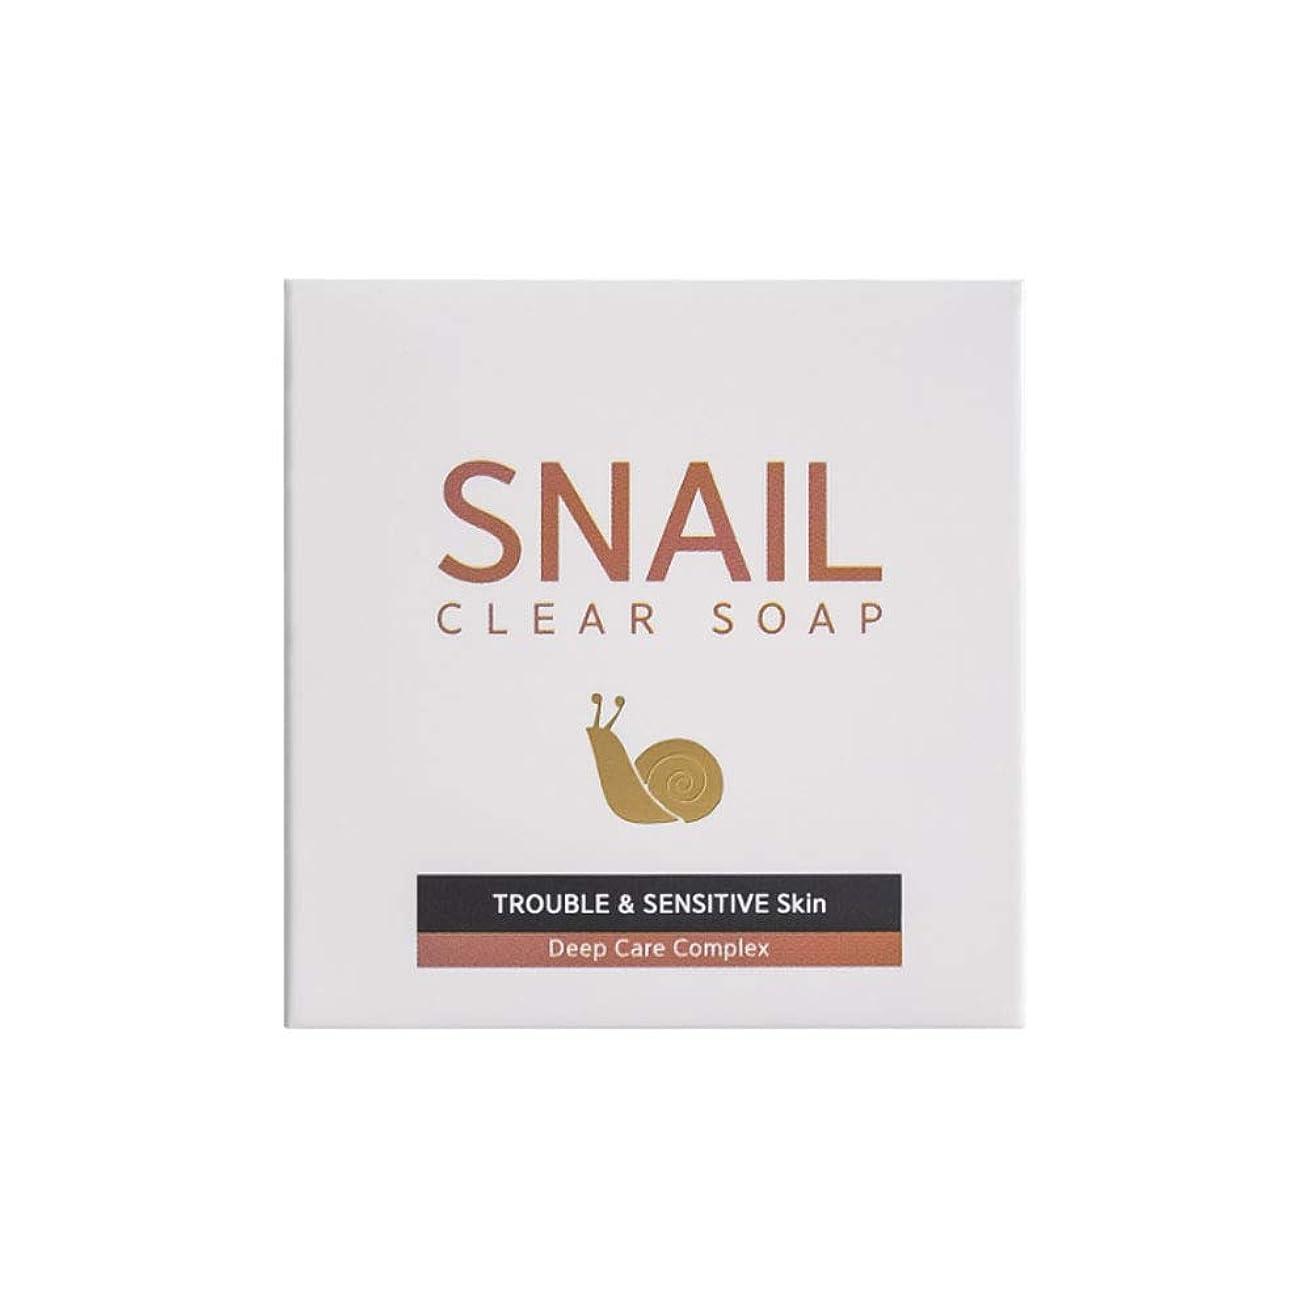 買う橋麻痺させる[RNT International] YUNE25 Snail Clear Soap クリア ソープ 固形 せっけん [並行輸入品]